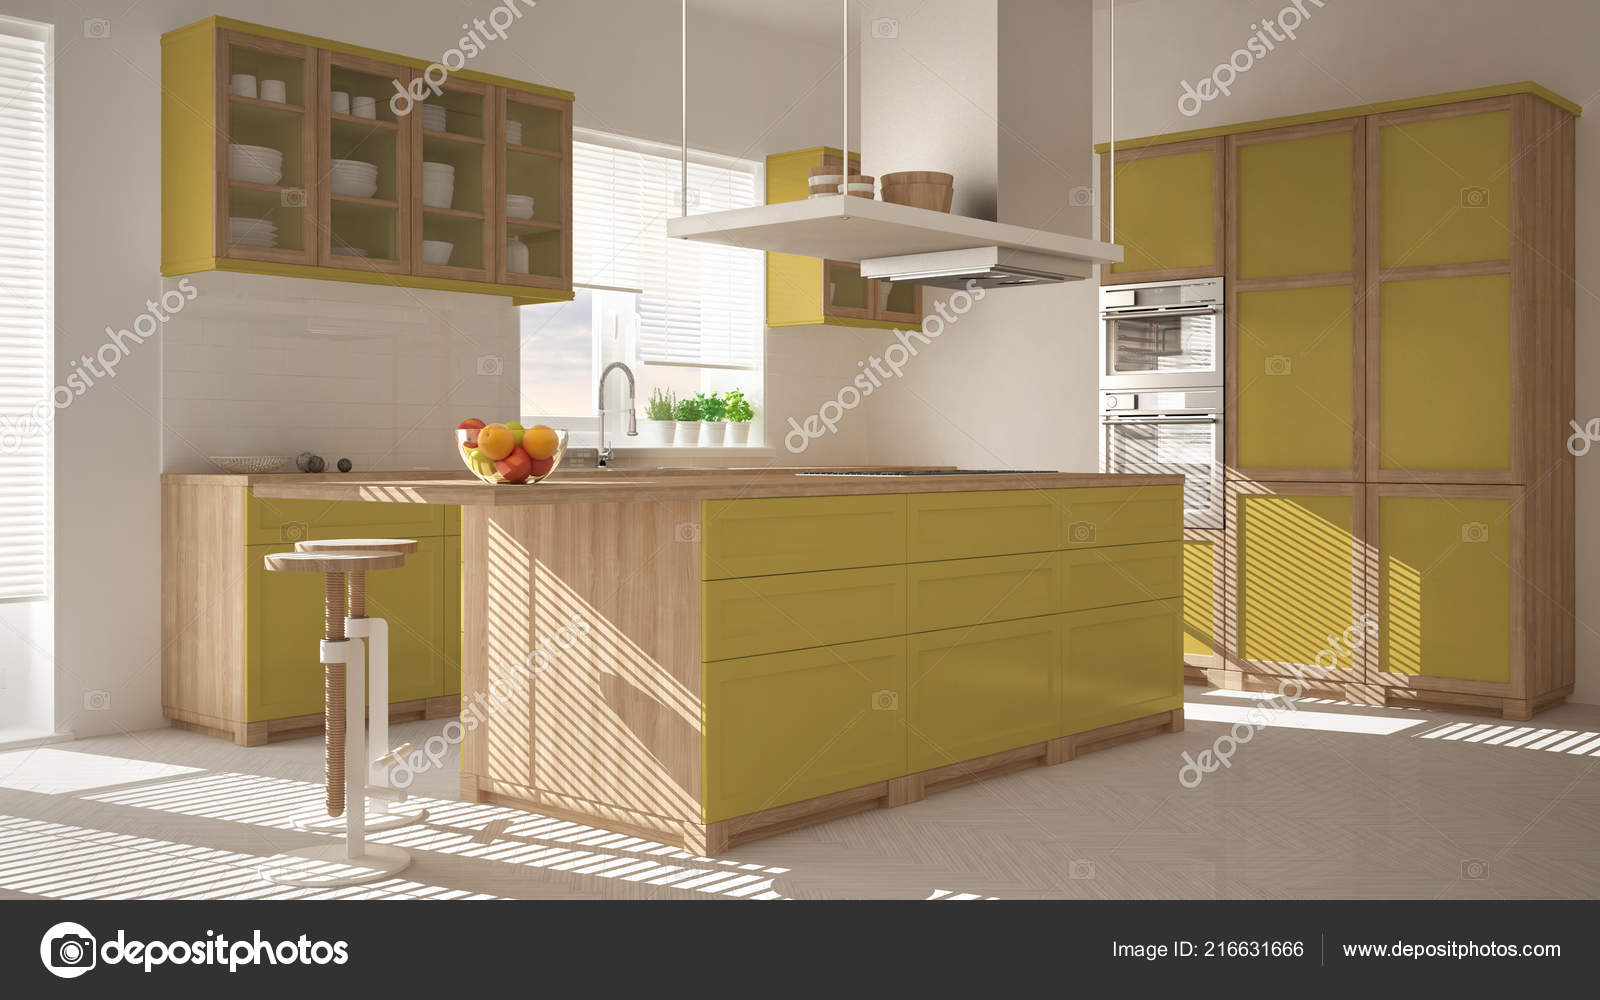 Cucina moderna legno giallo con isola sgabelli finestre pavimento